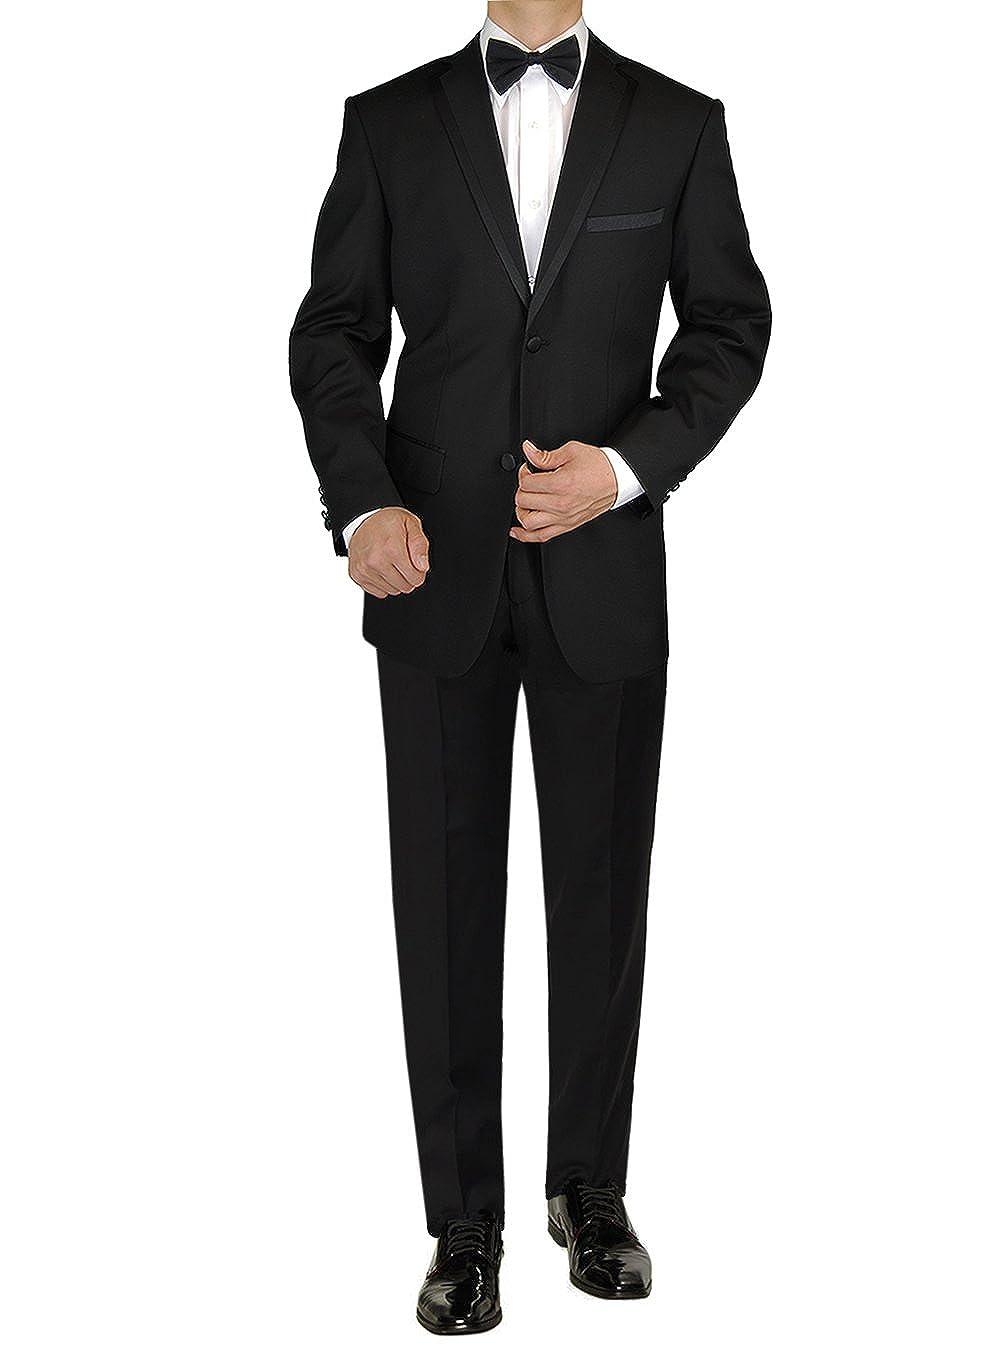 GN GIORGIO NAPOLI Men's Tuxedo Suit 2 Button Notch Lapel Adjustable Pants Black